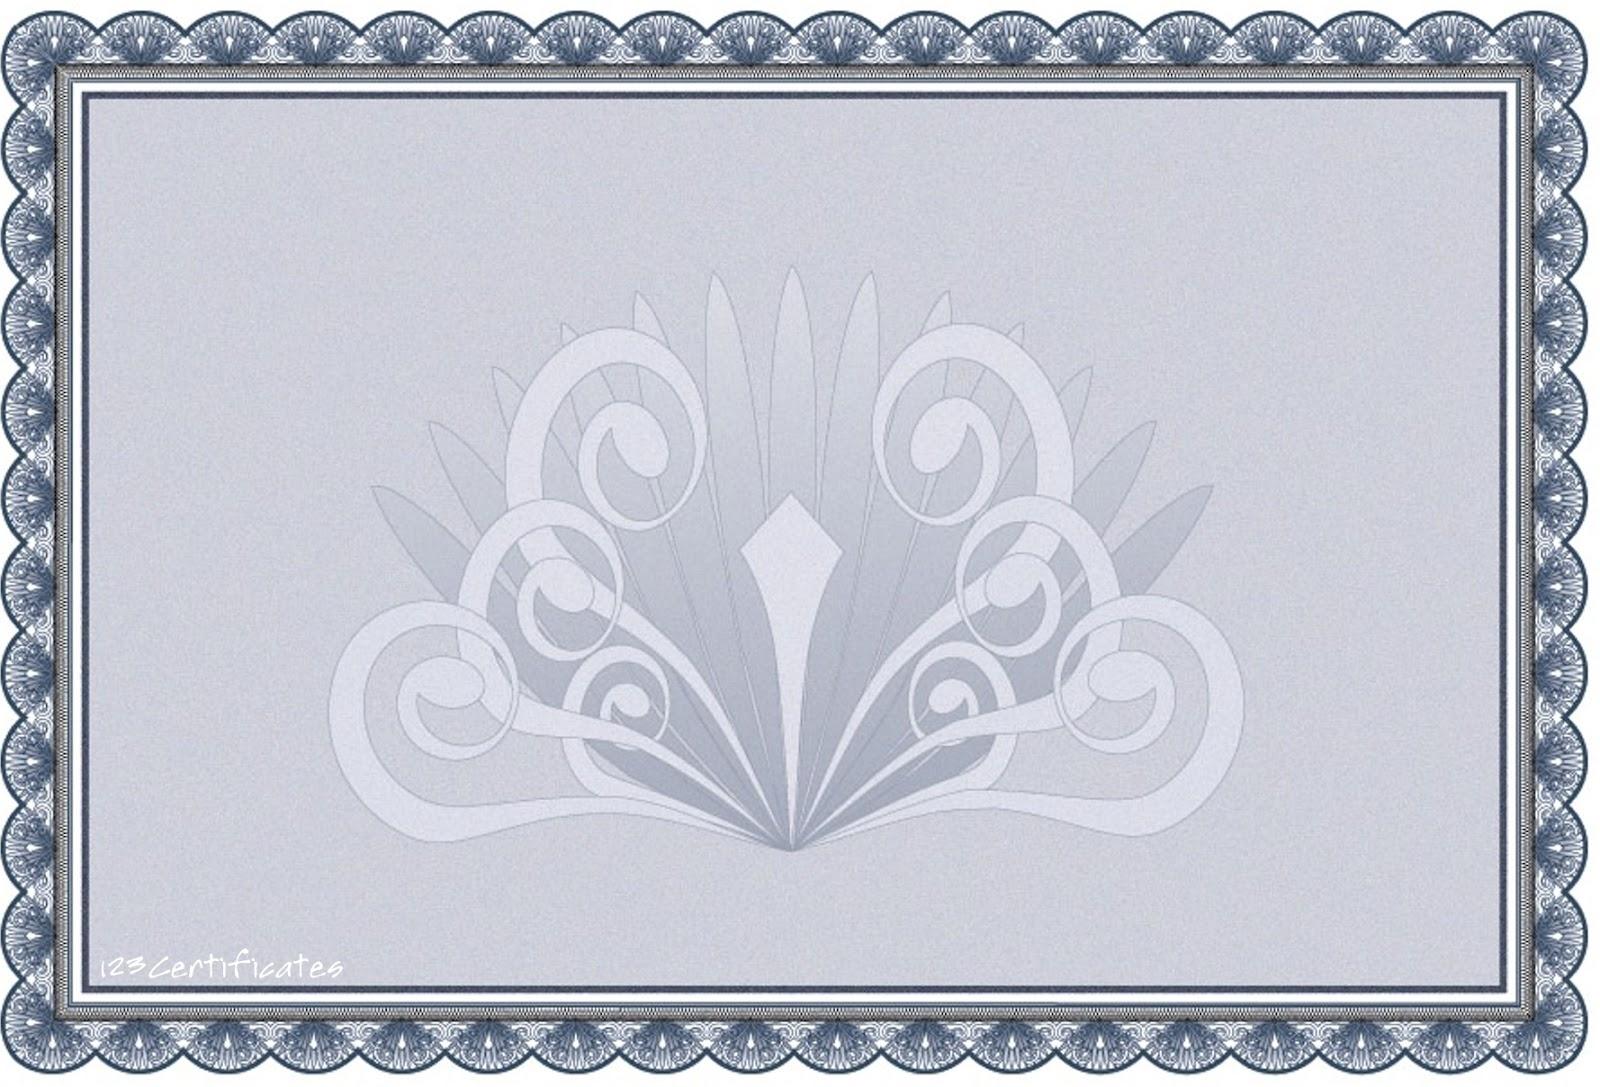 Bingkai dan beground indah » bingkai-sertifikat-ijazah-008